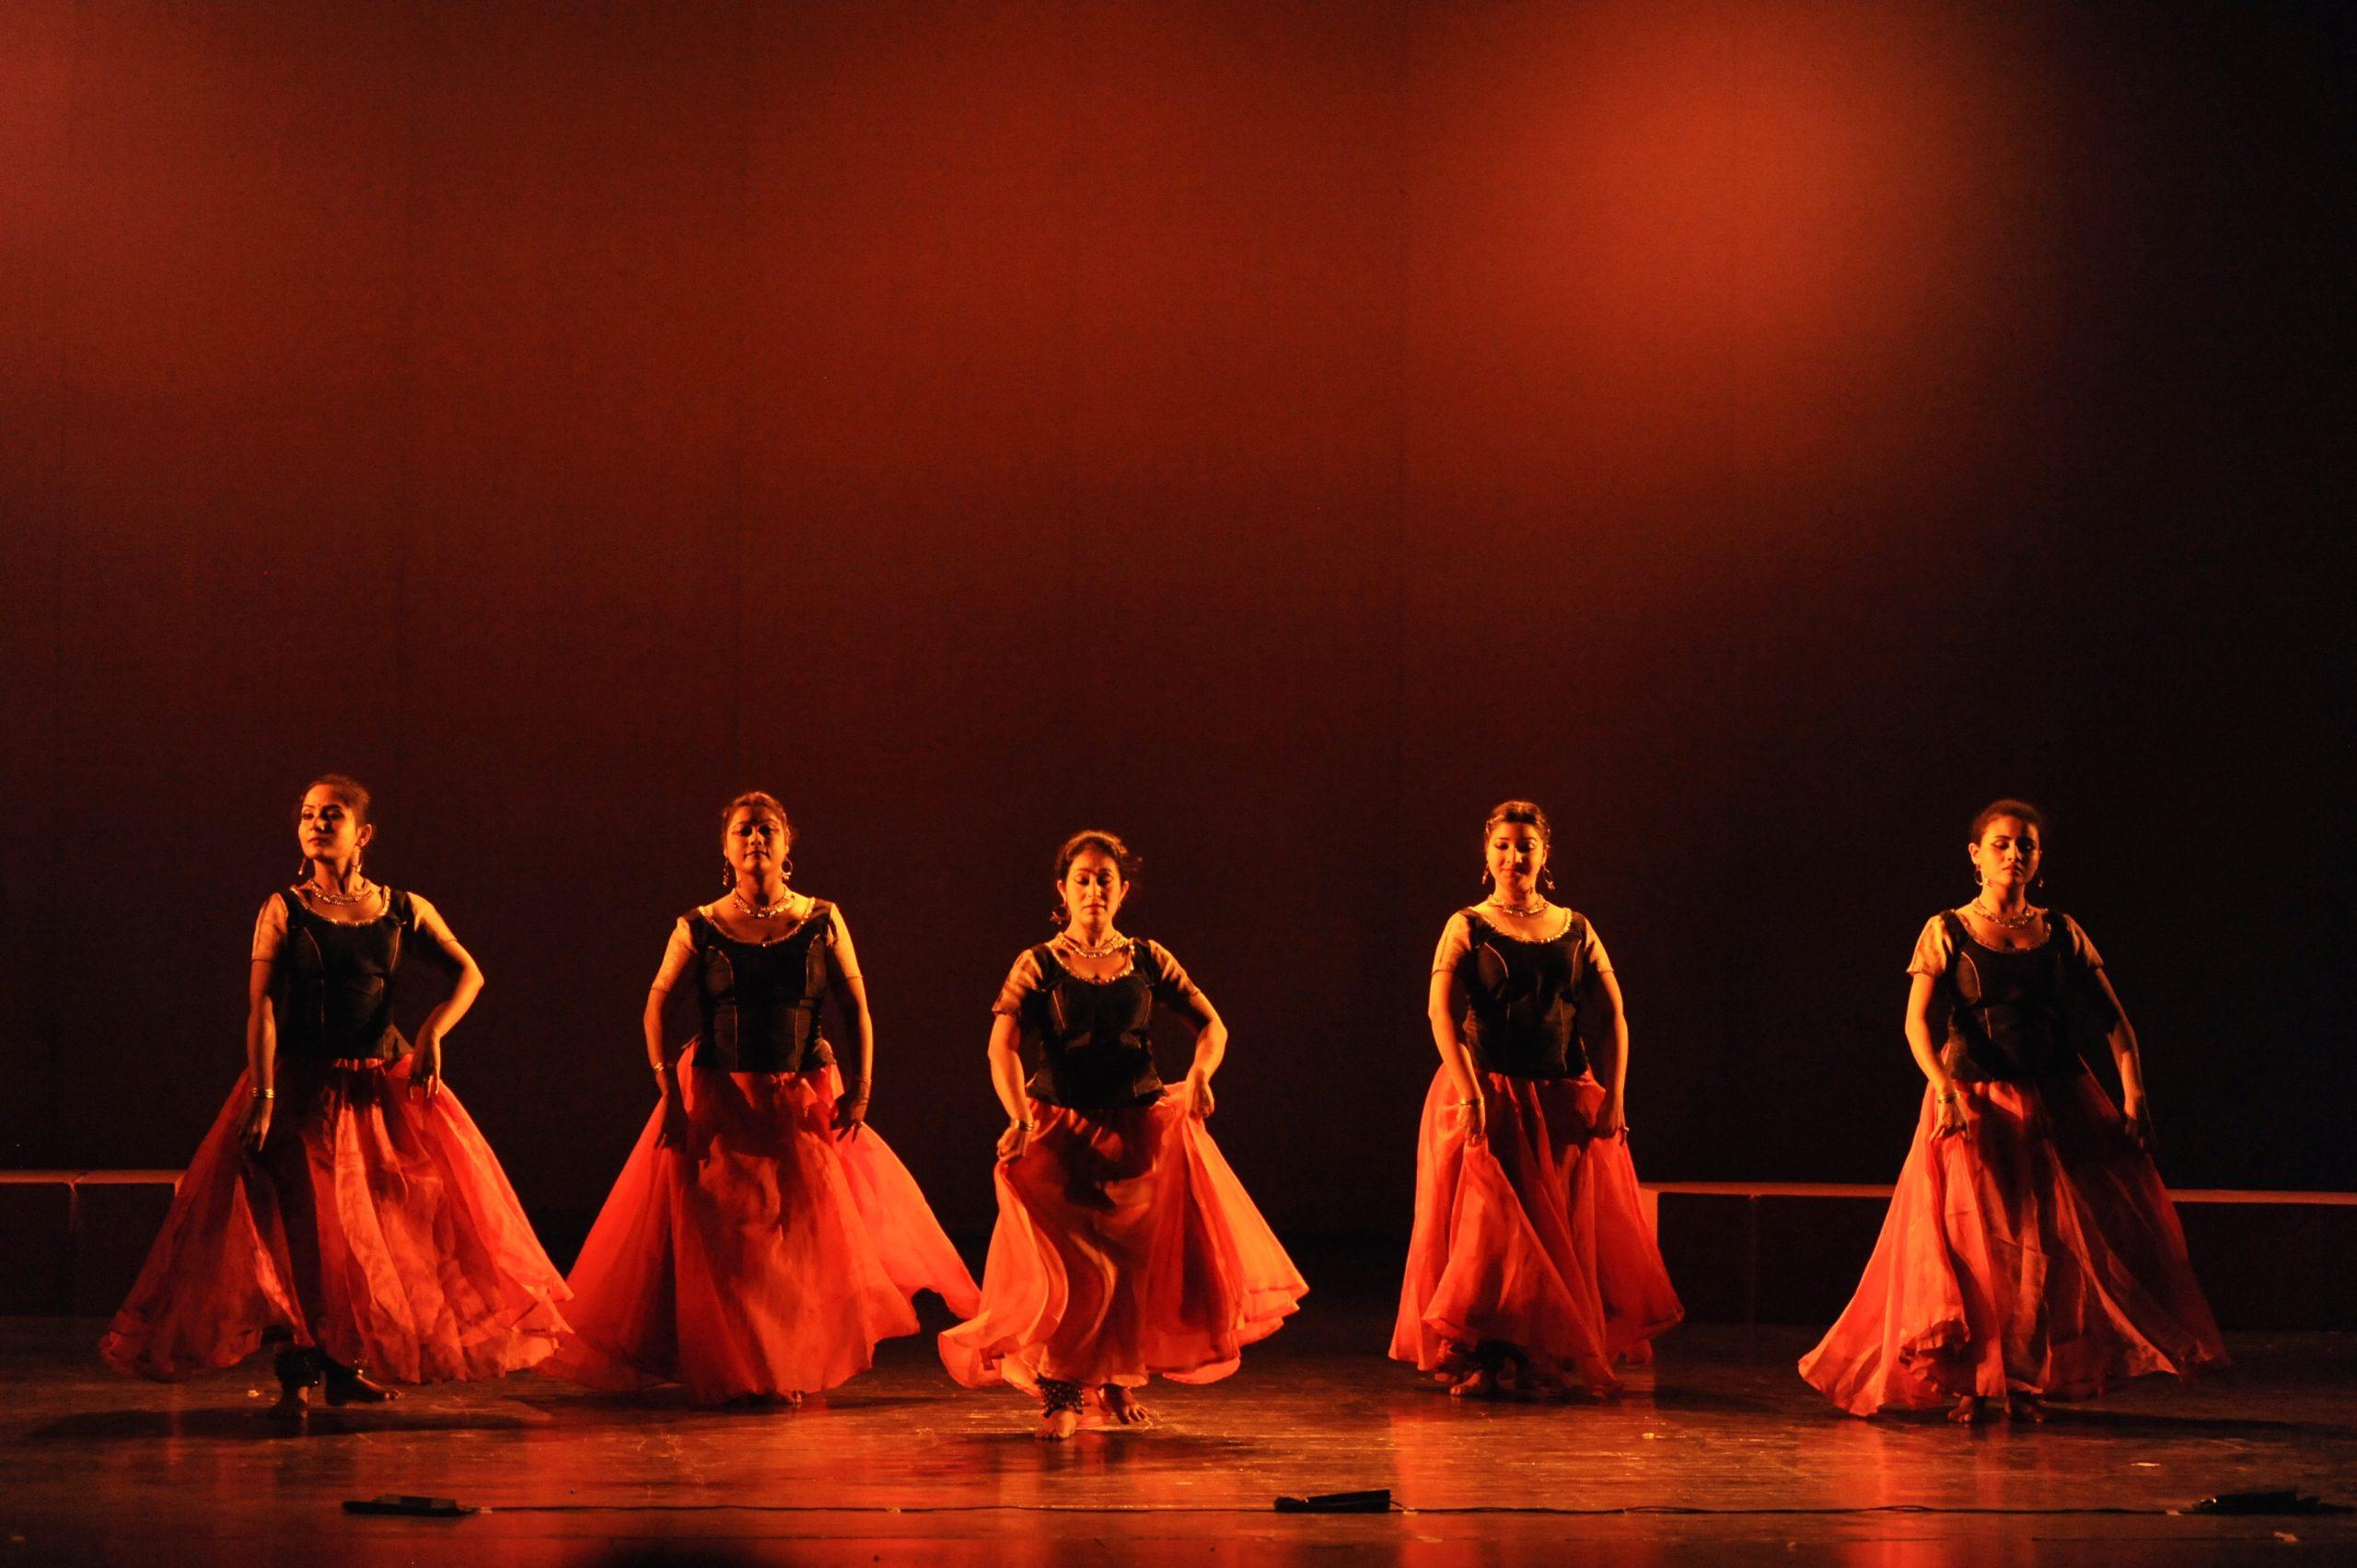 The Katha Dance Theatre Ensemble. Photo by Ashwin Chopra.